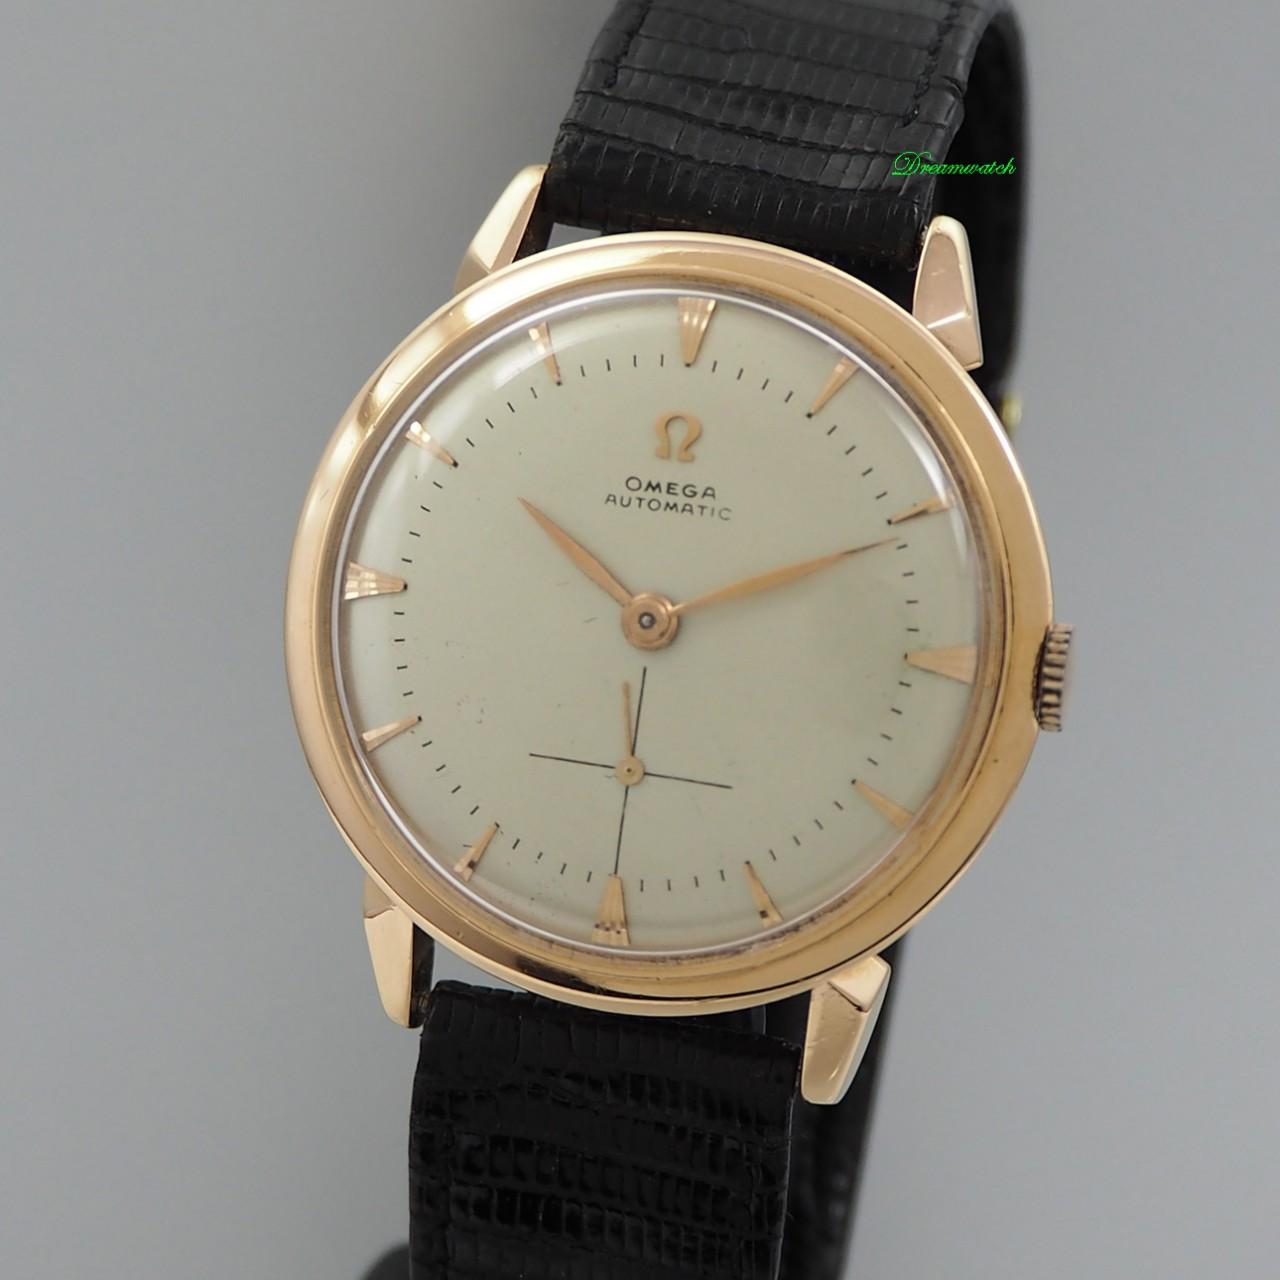 Omega Automatik Vintage 2709 -Gold 18k/750 Cal.344